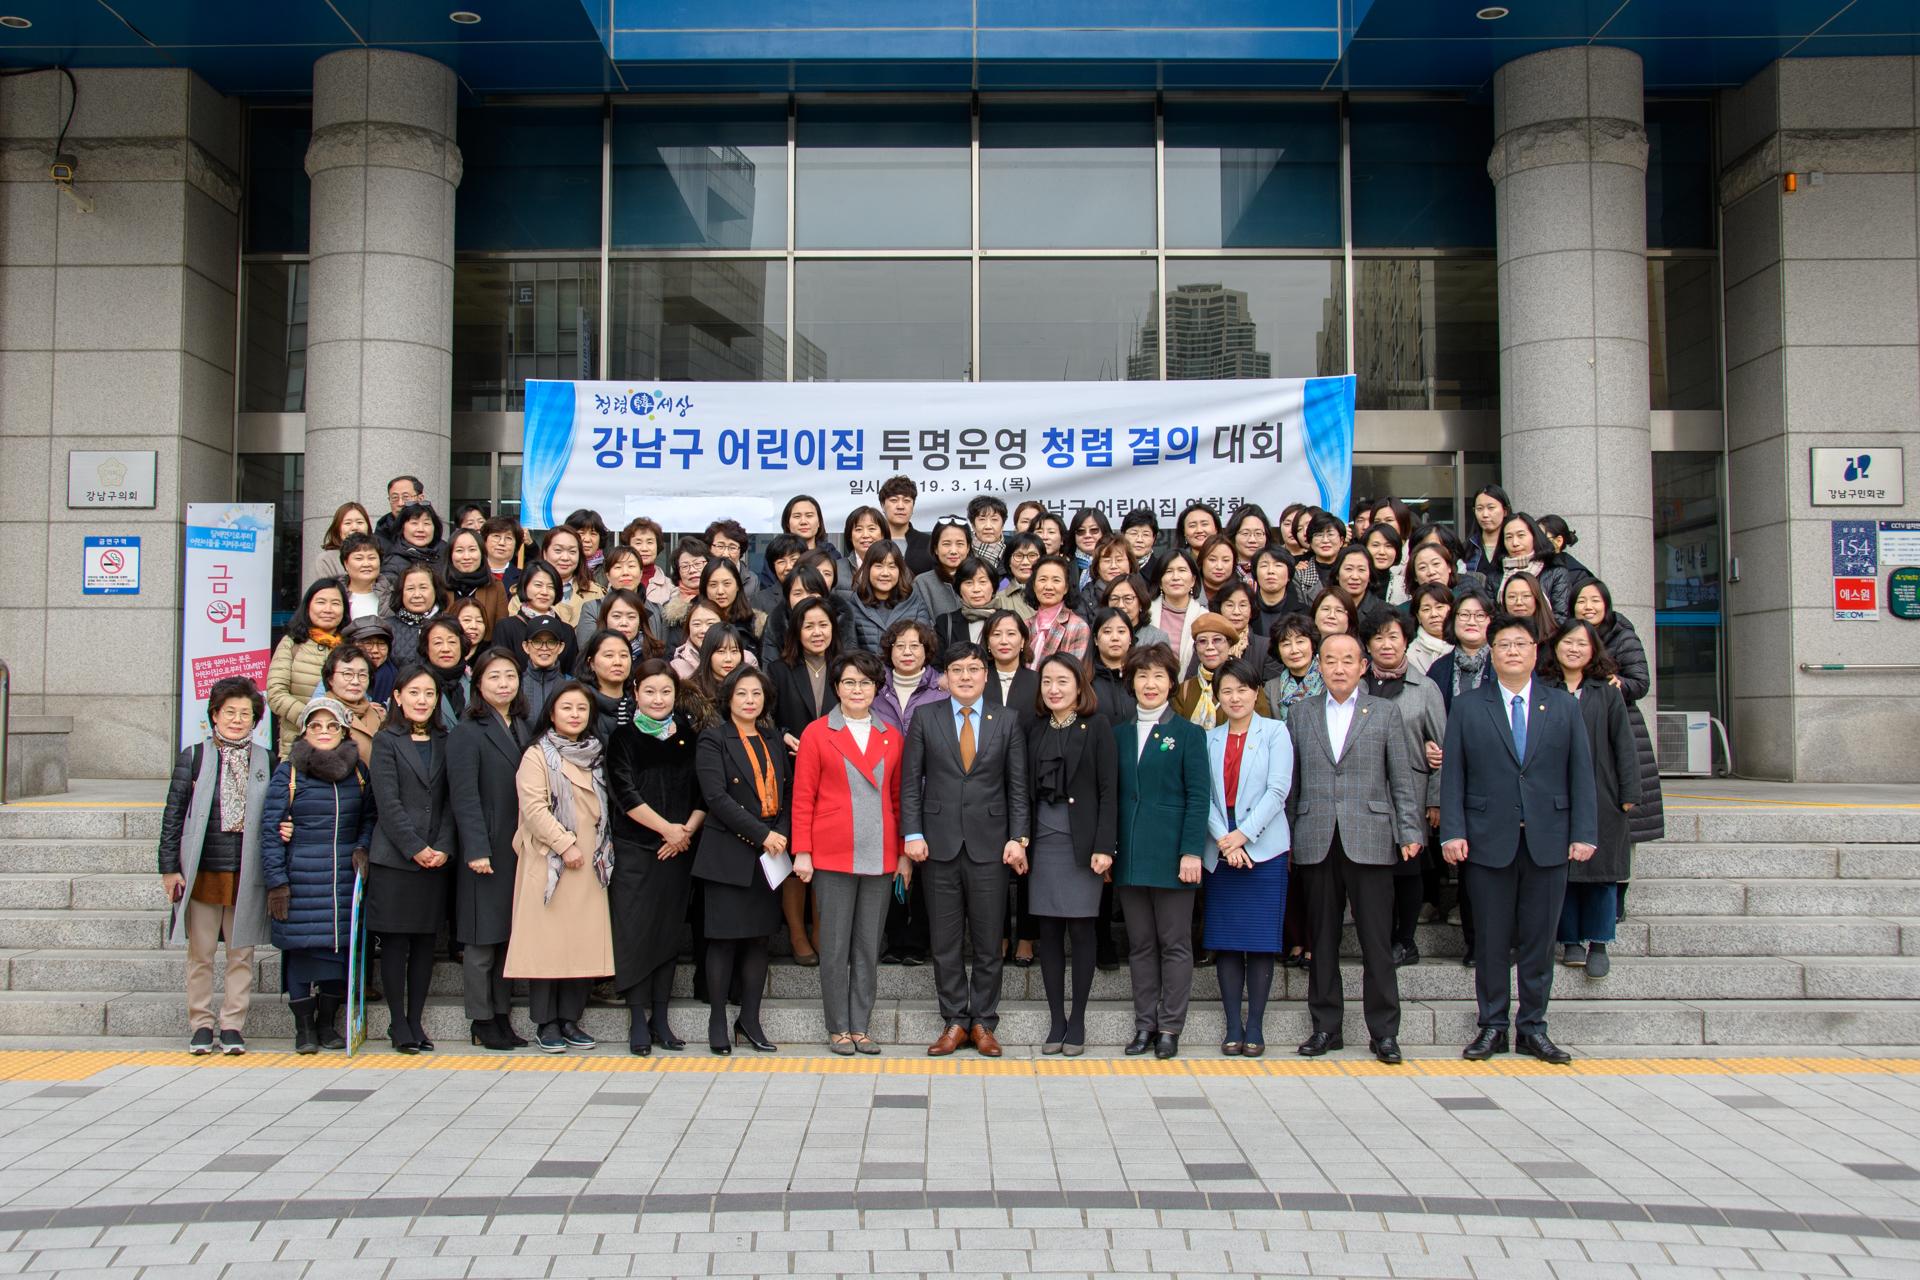 강남구 어린이집 투명운영 청렴결의 대회 GNC_0198.jpg